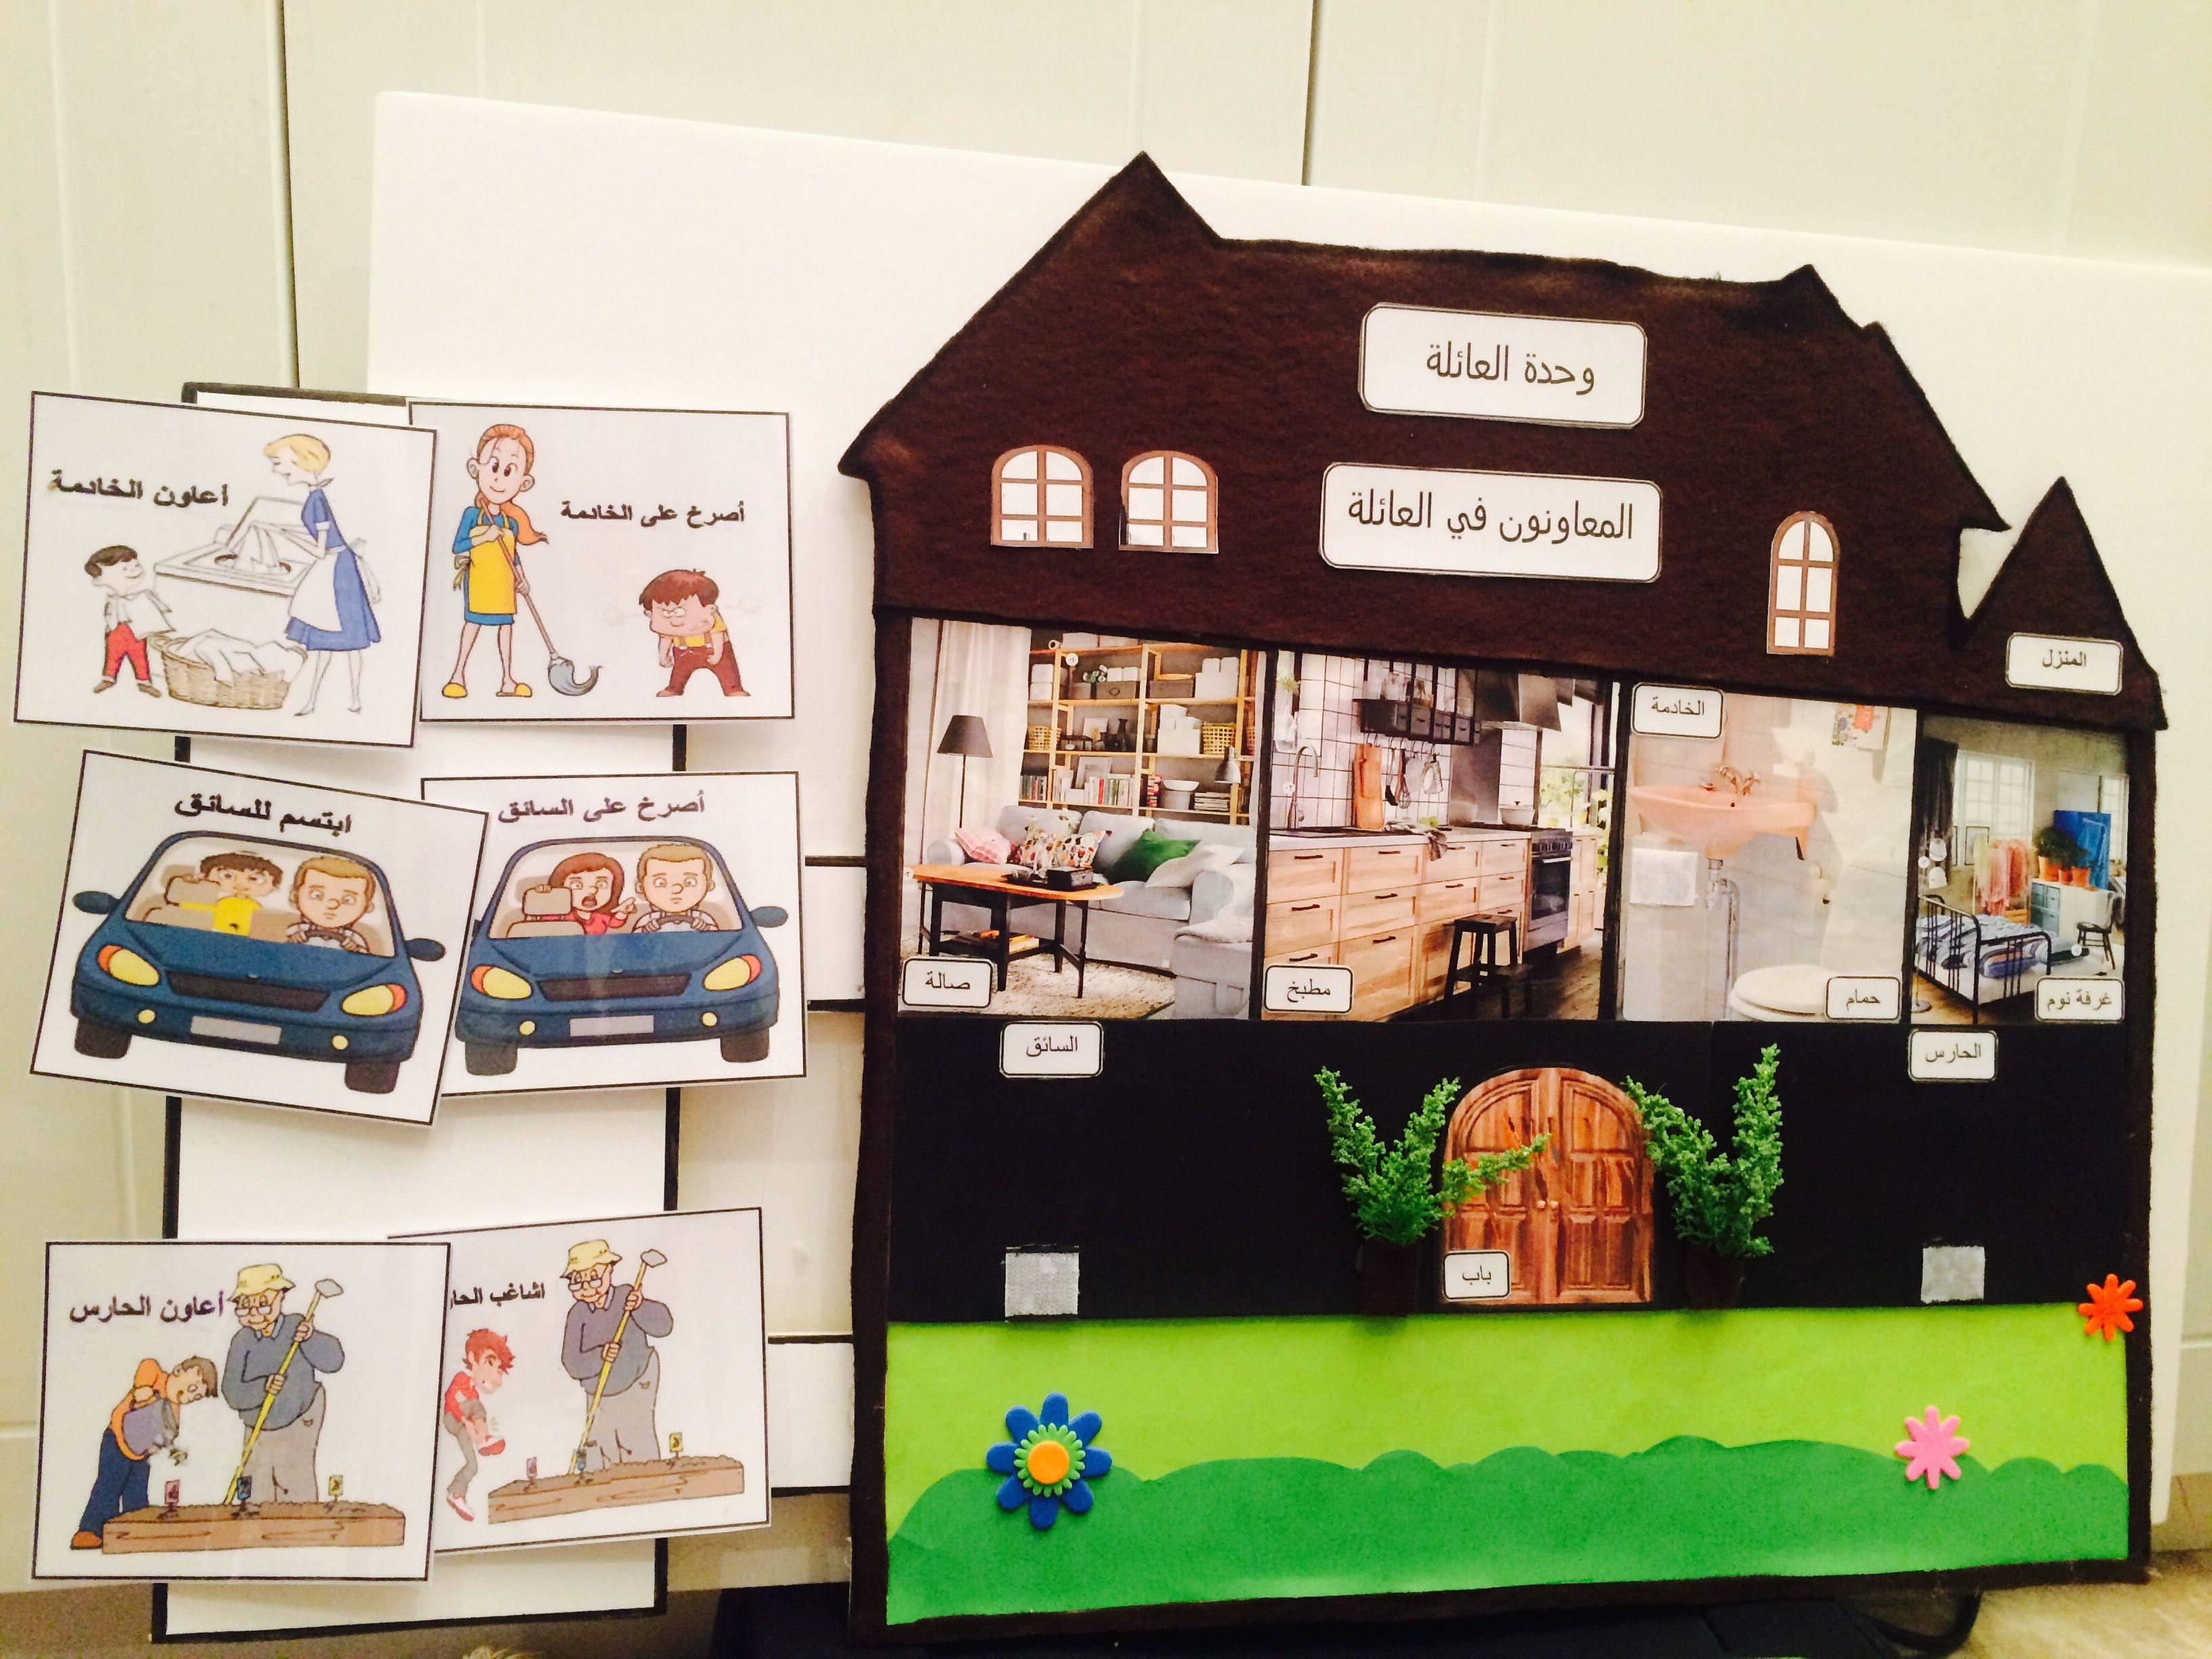 وسيلة الحلقة لوحدة العائلة المعاونون في العائلة ان يختار الطفل السلوك الصحيح و يضعه في المنزل و السلوك ا Crafts For Kids Toddler Quiet Book Kids And Parenting